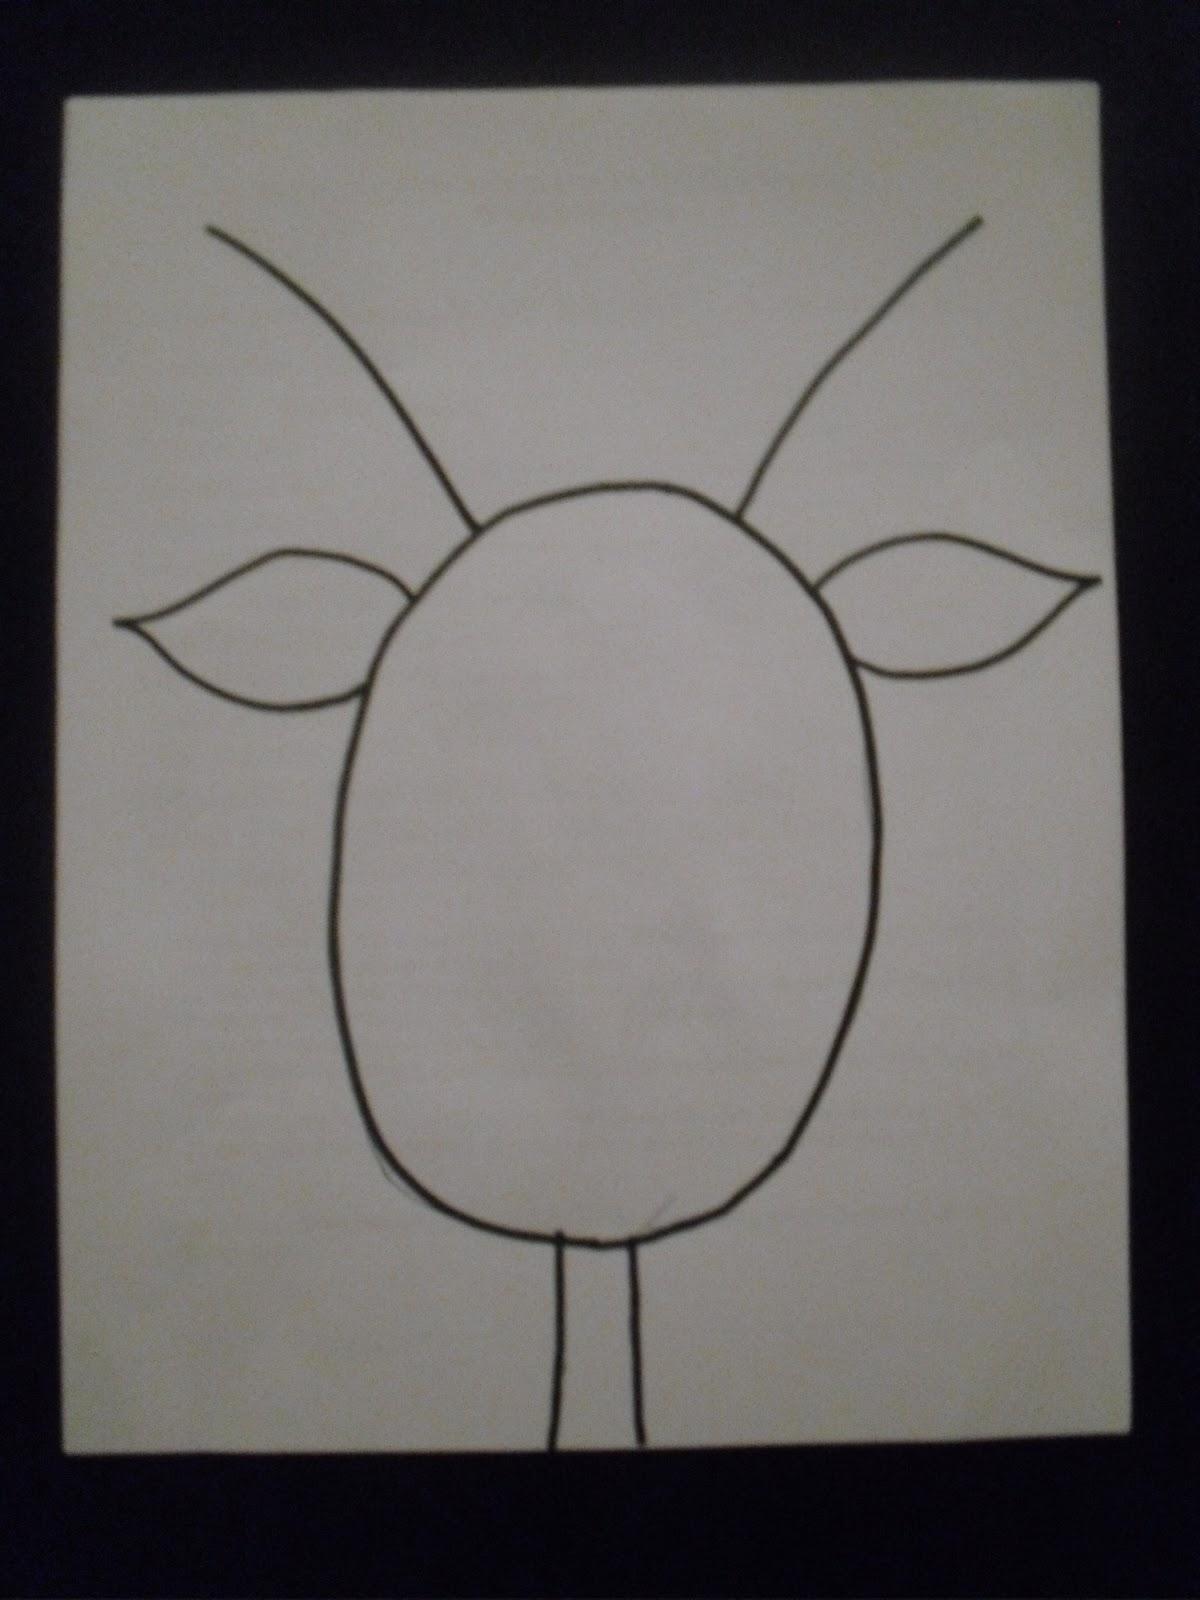 Reindeer Face Line Drawing : Artventurous reindeer portraits